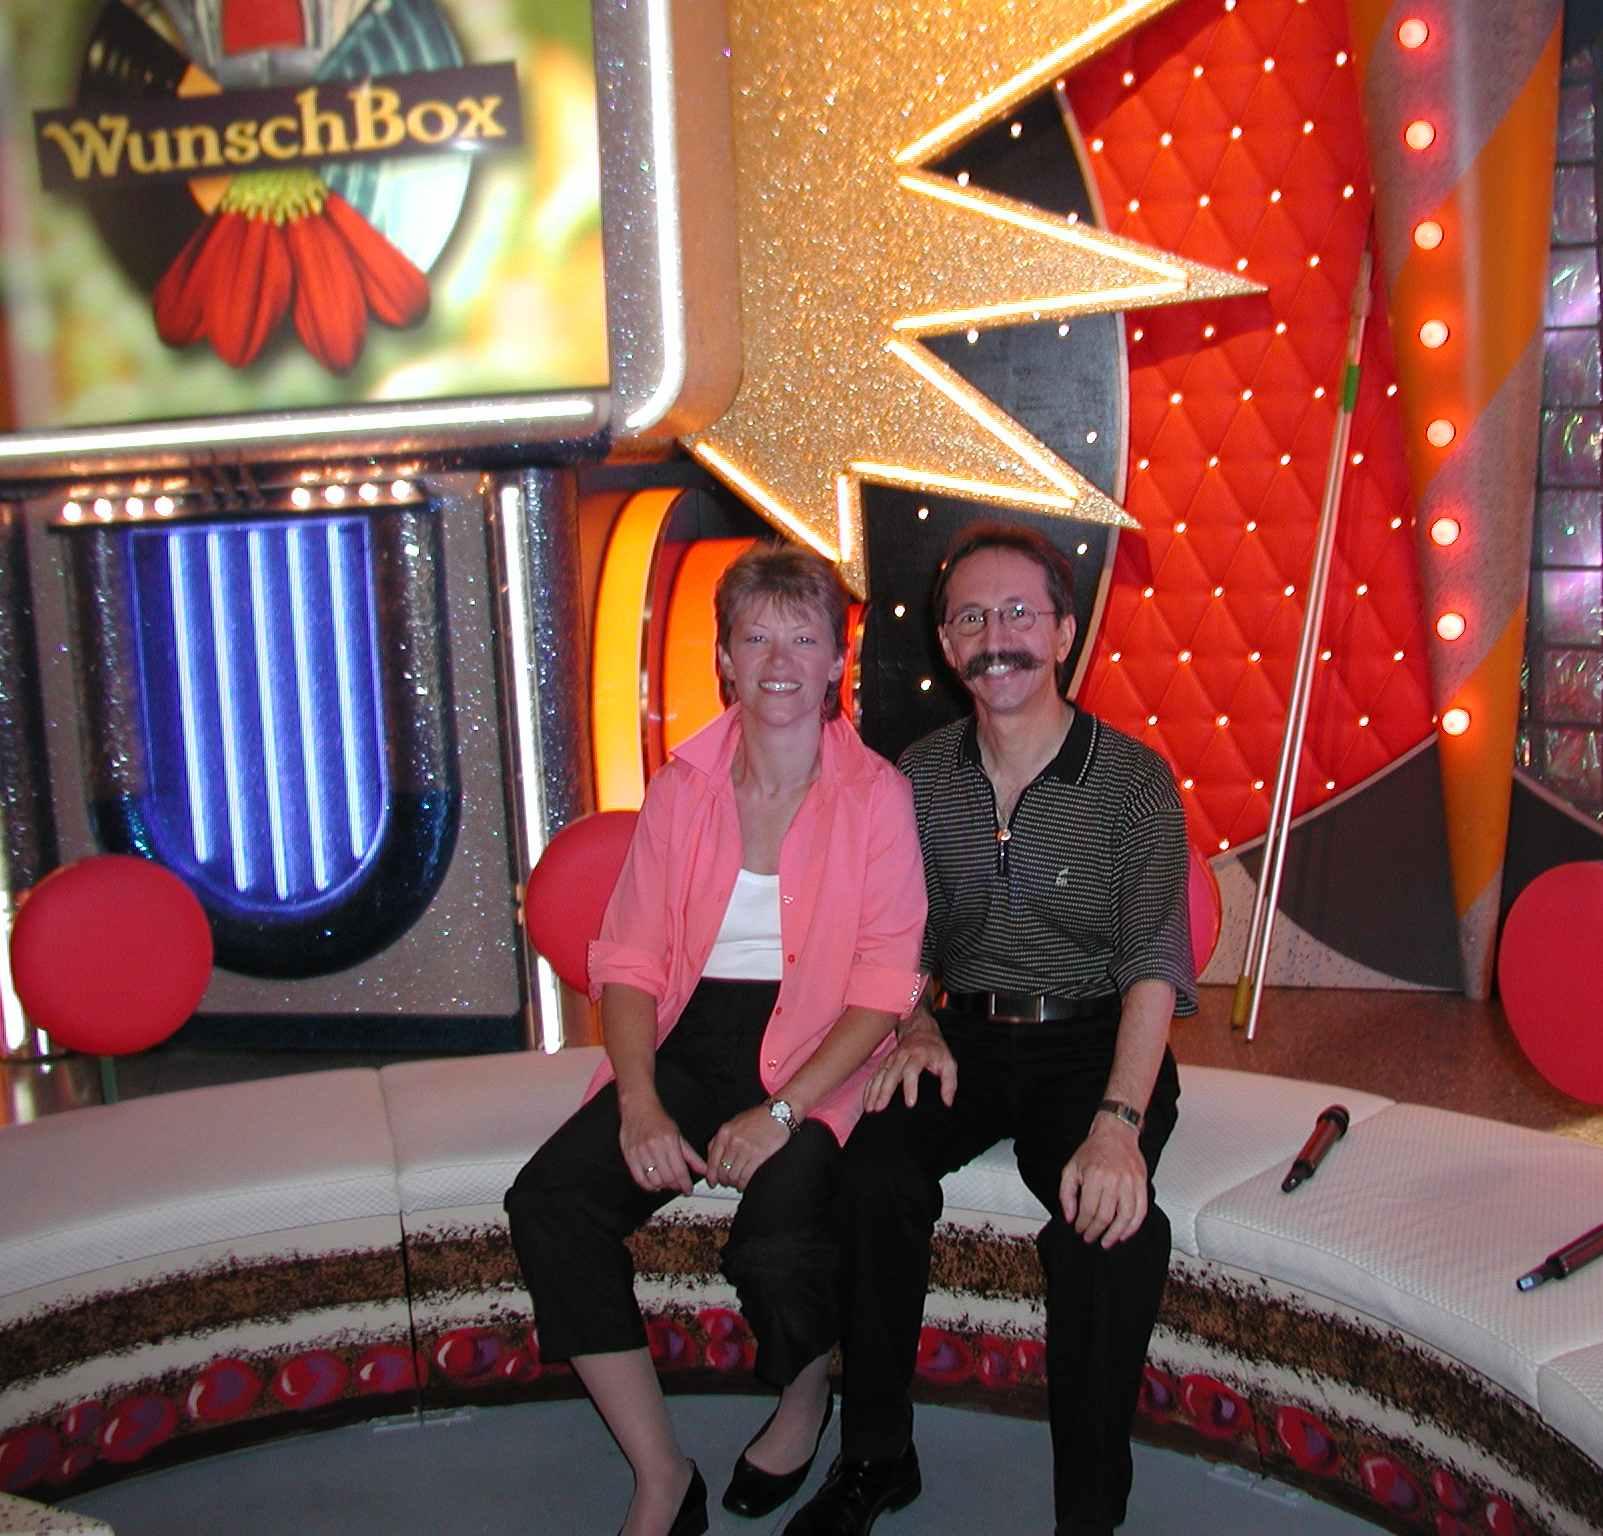 Das Foto zeigt Klaus E. Acker in der ARD Fernsehsendung Wunschbox als Talkgast. Thema: Grenzerfahrung Feuerlaufen